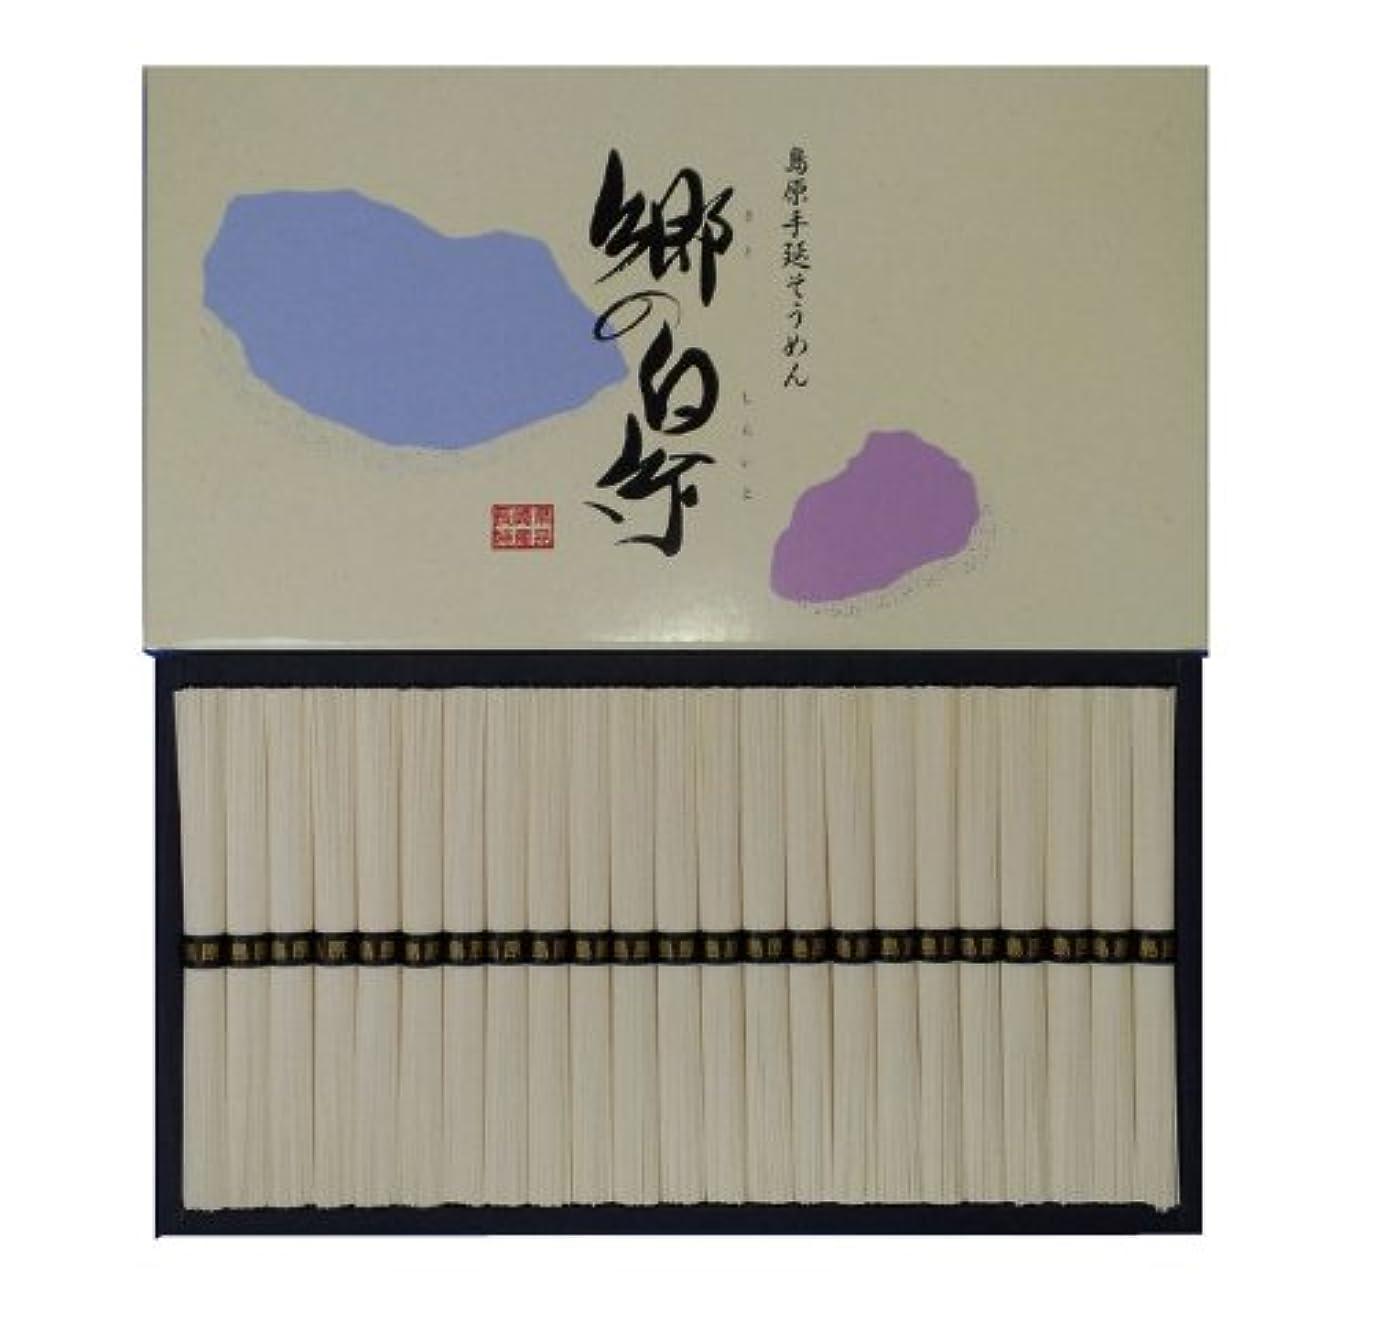 治療充電対称島原手延素麺 郷の白糸 2300g (50g×46束)